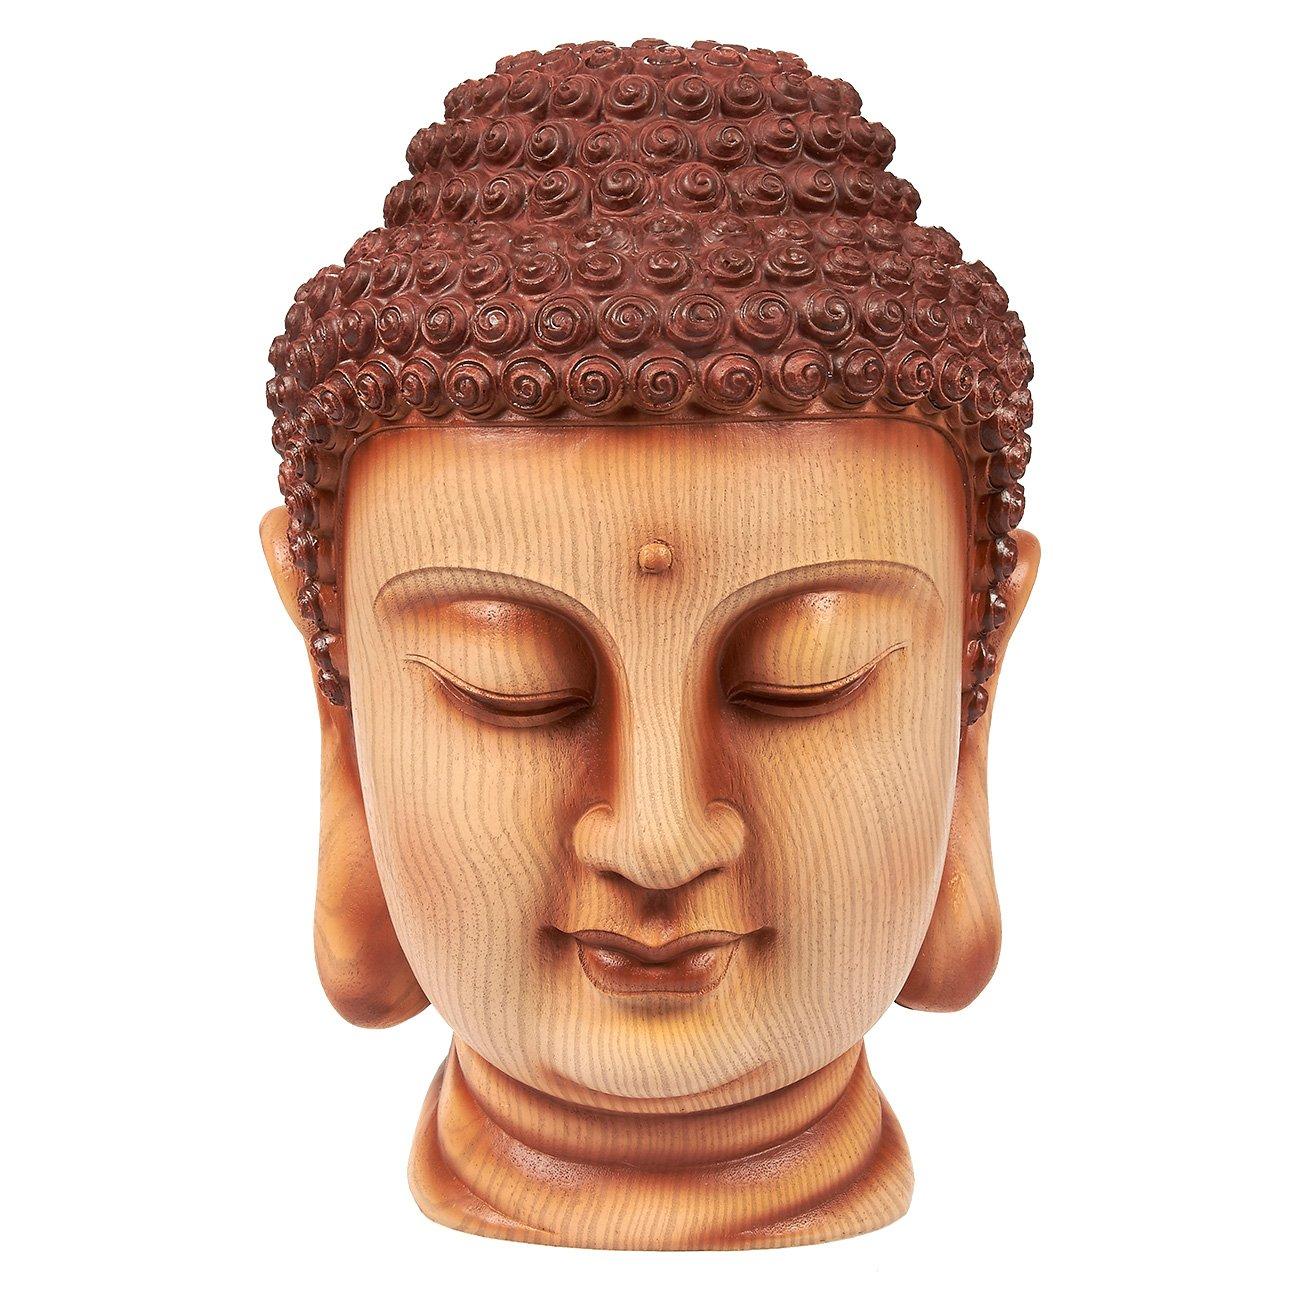 Juvale Buddha Head Statue - Garden Zen Outdoor Buddha Statue, Resin Buddha Bust for Garden, Yard, Interior Decoration, Brown - 6 x 11.5 x 7 Inches